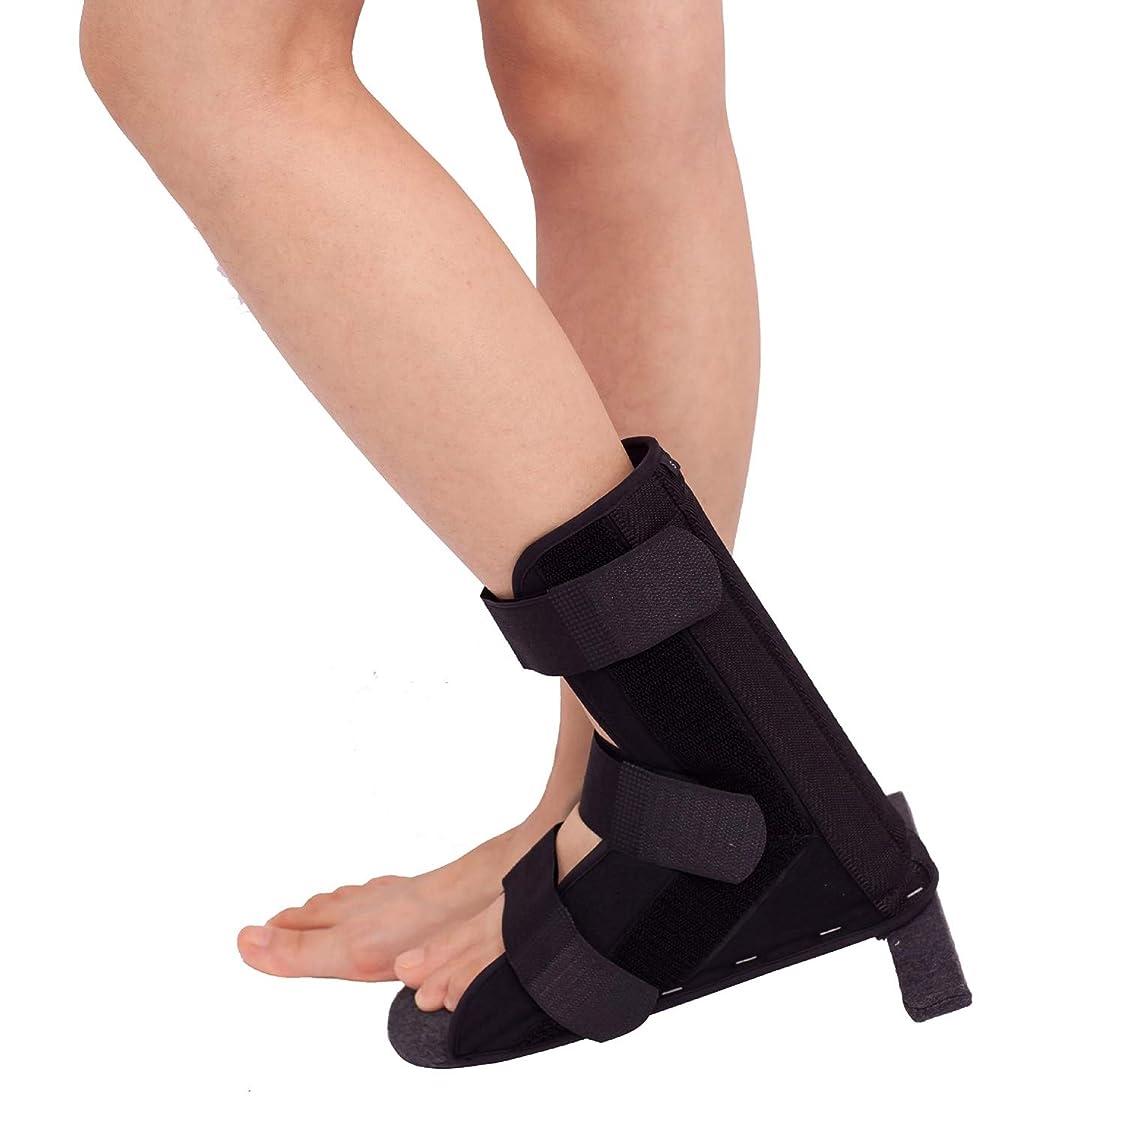 真剣に容赦ないホステル足首サポート ア、T字型靴、整形外科用靴、足首骨折、捻挫固定ブラケット (Size : L)